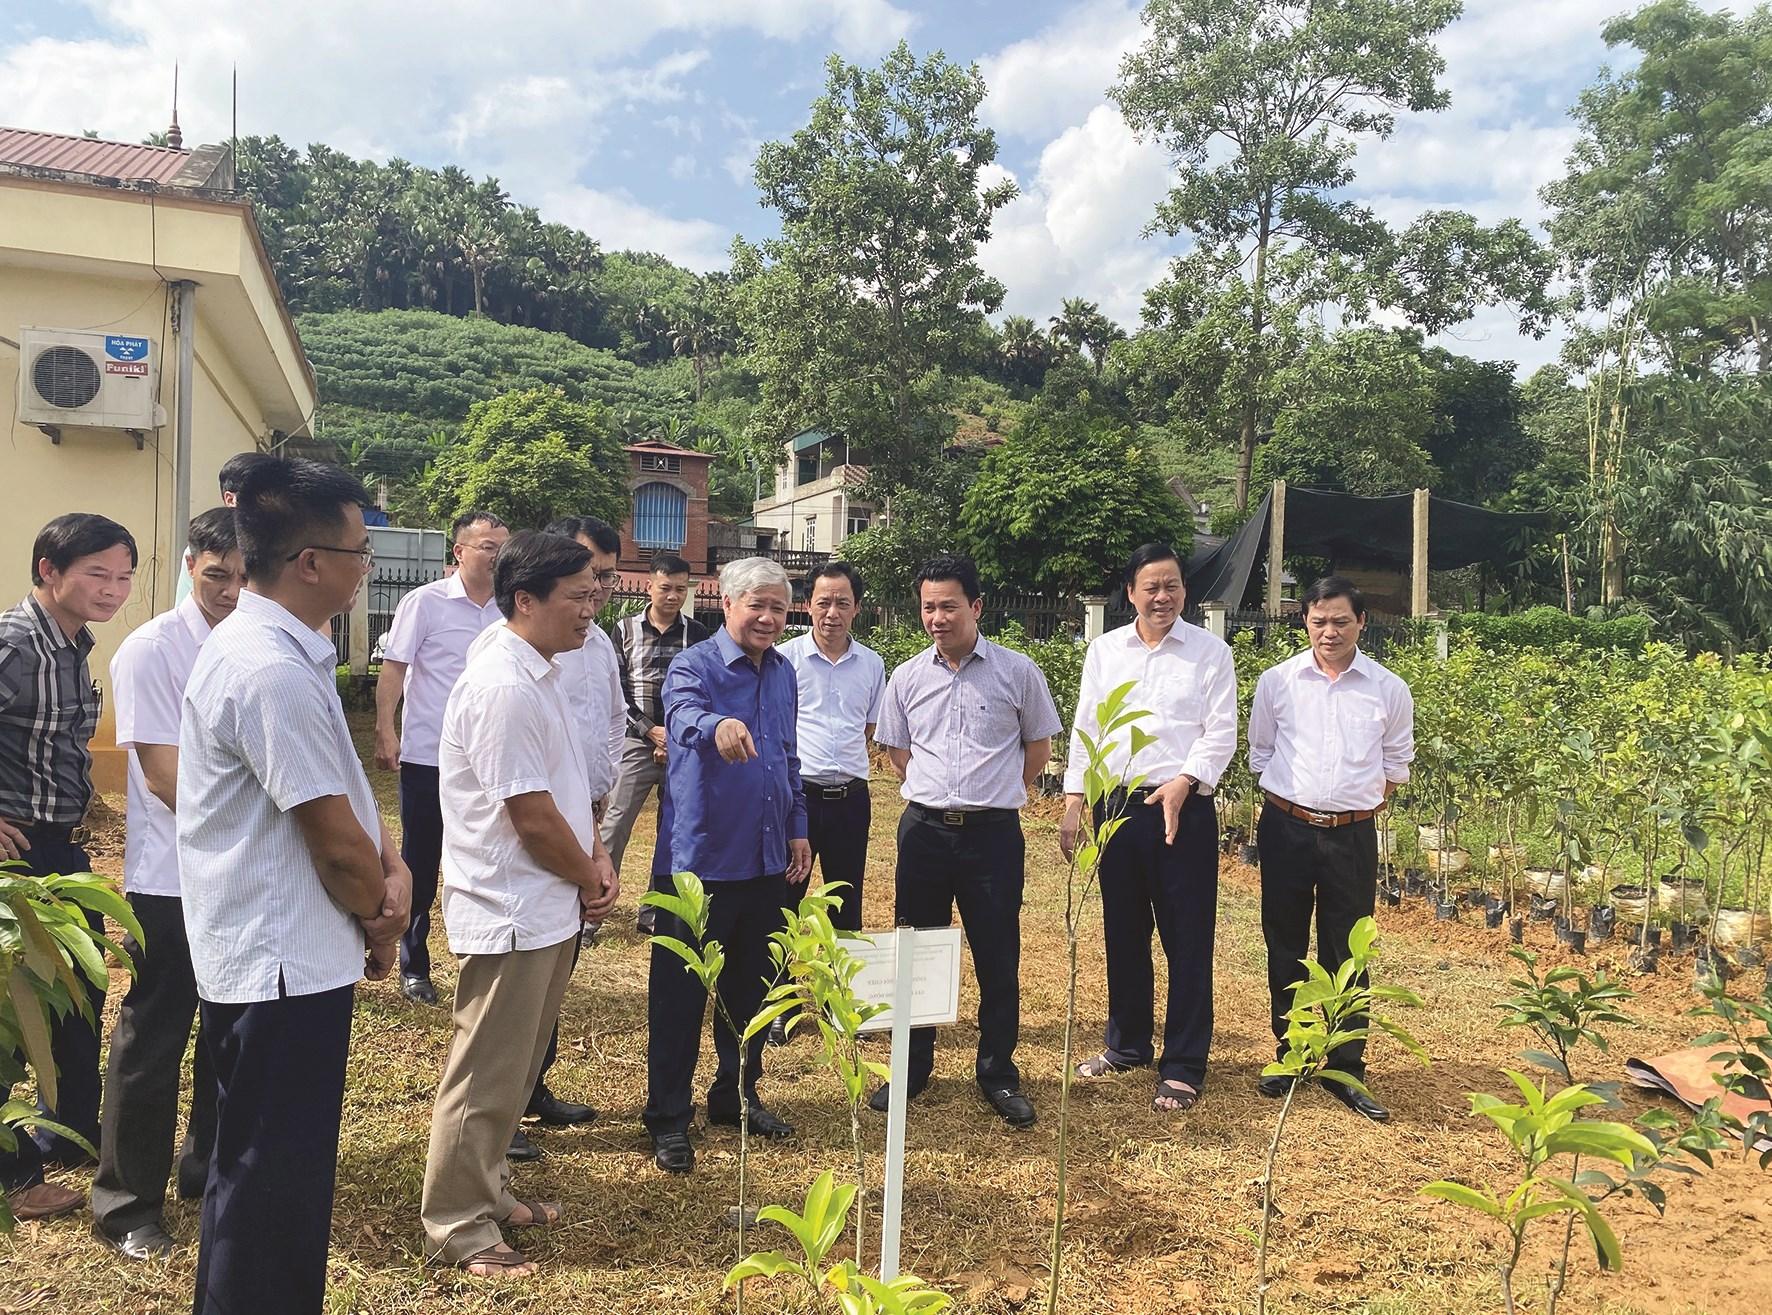 Bộ trưởng, Chủ nhiệm UBDT Đỗ Văn Chiến và lãnh đạo tỉnh Hà Giang thăm quan mô hình vườn ươm dược liệu tại huyện Vị Xuyên (Hà Giang).